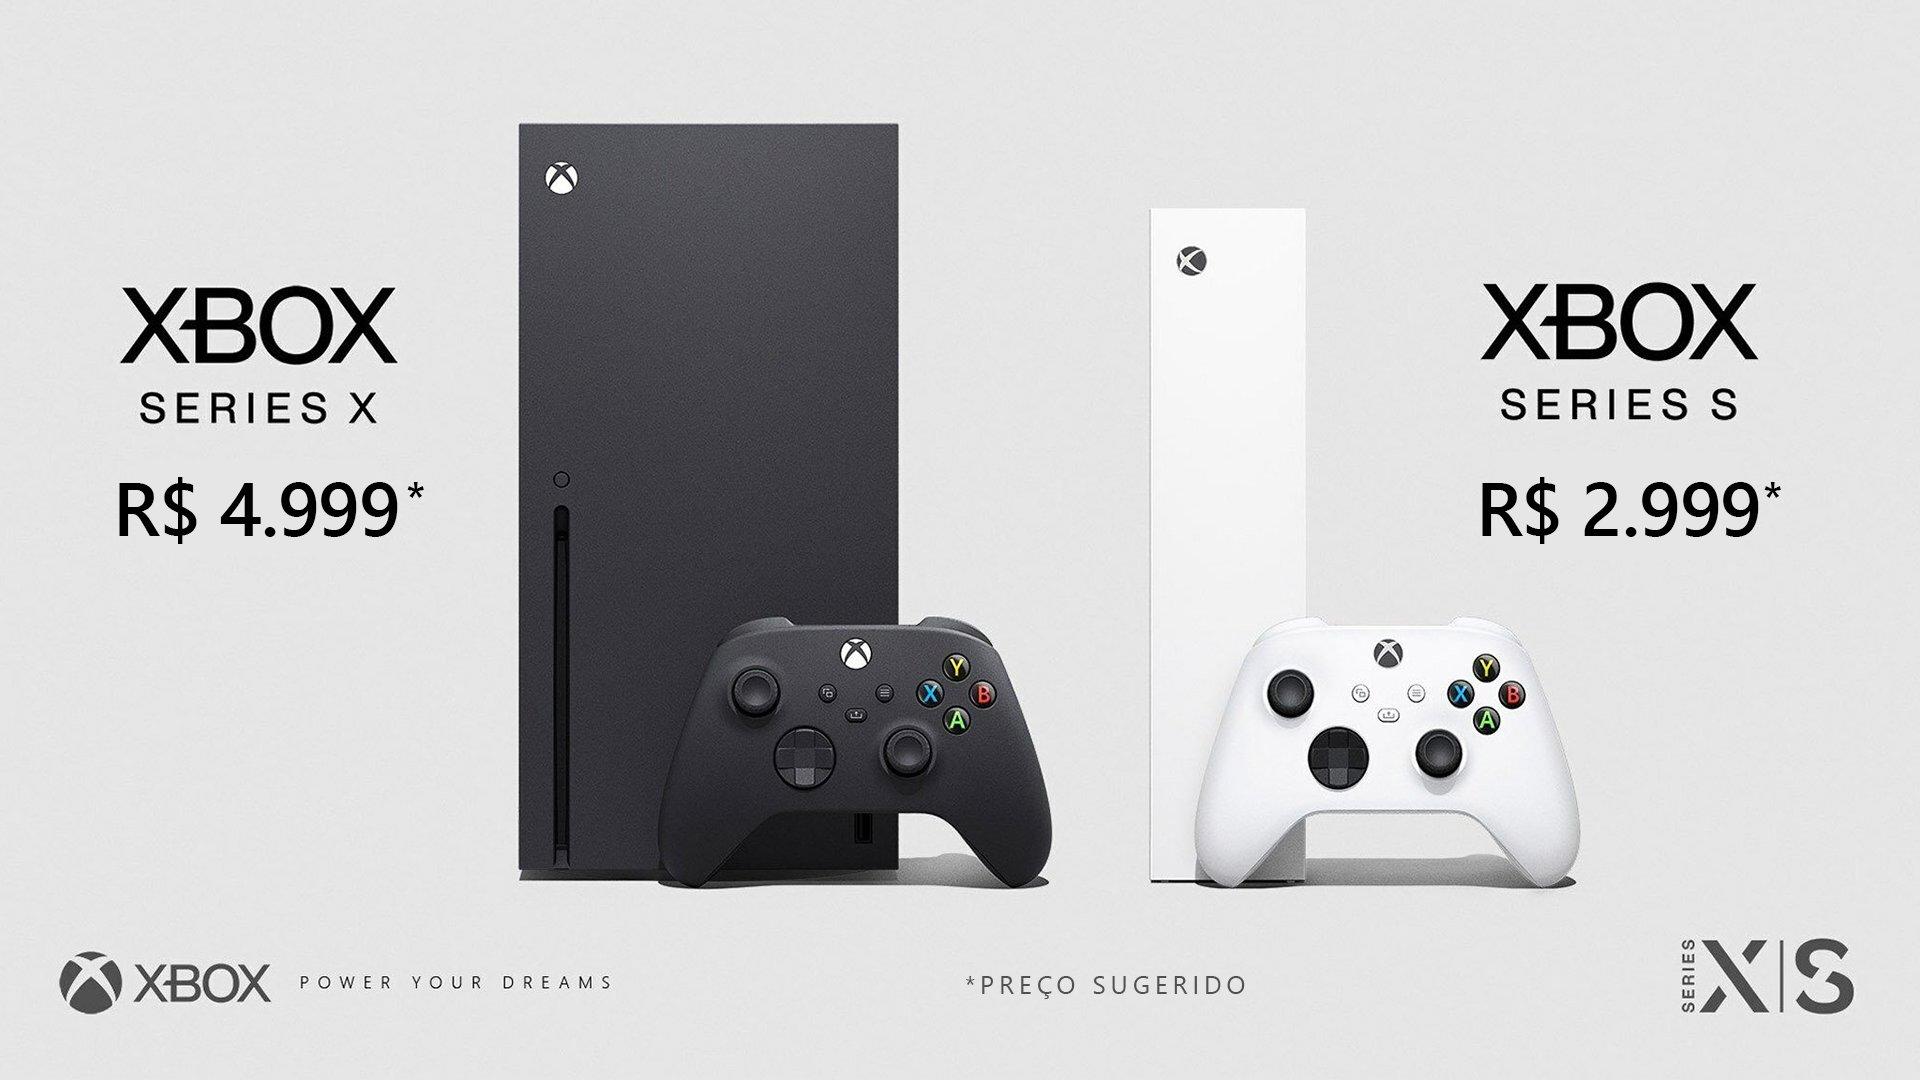 """Imagem com consoles Xbox Series X e texto """"R$ 4.999"""" e imagem do console Xbox Series S com o texto """"R$ 2.999"""" Preços sugeridos."""